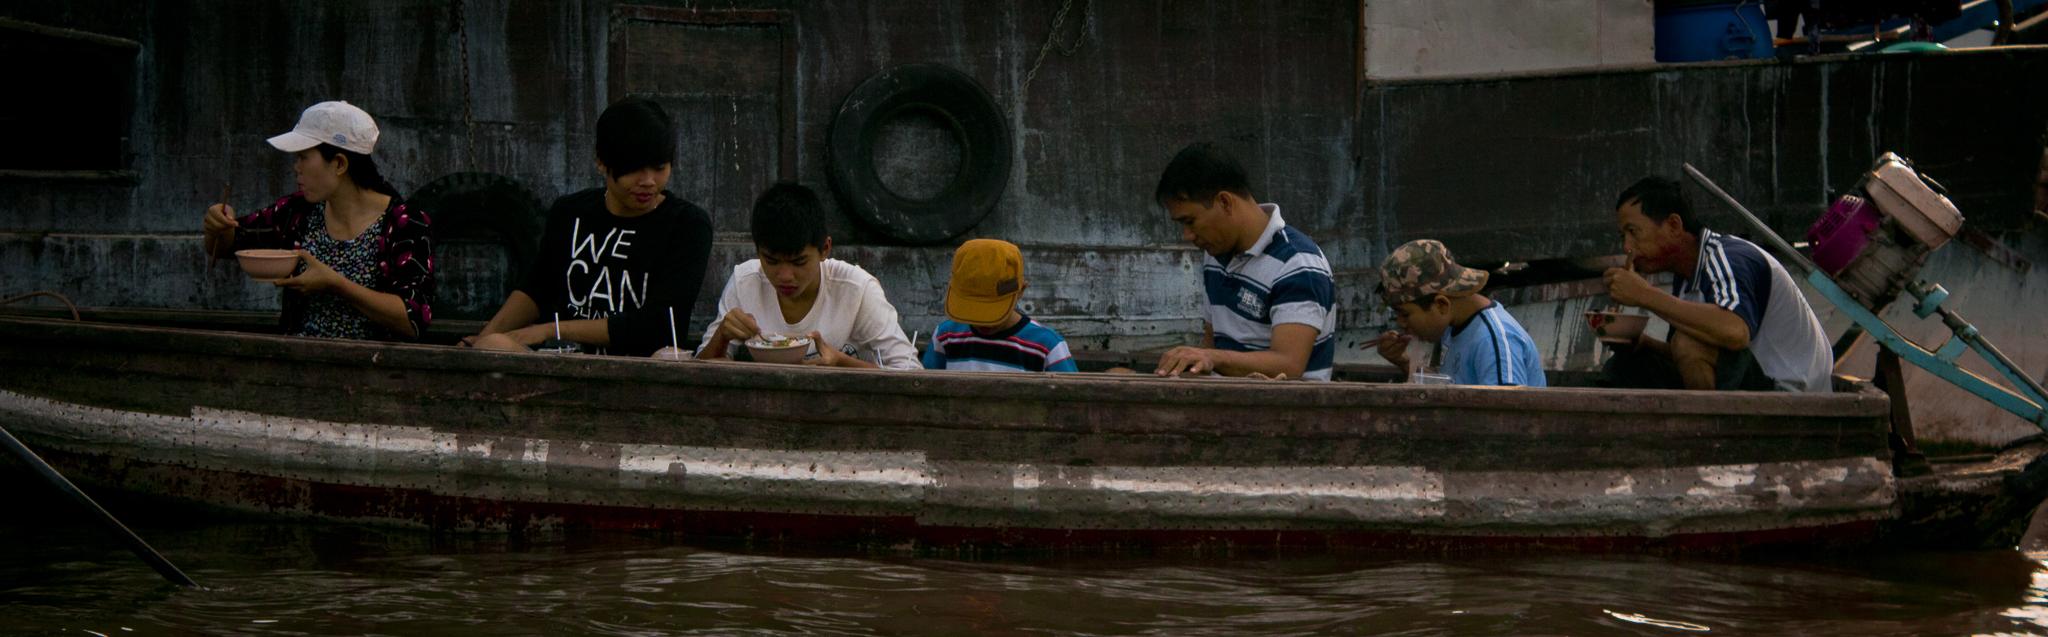 Mekong Delta, 2015